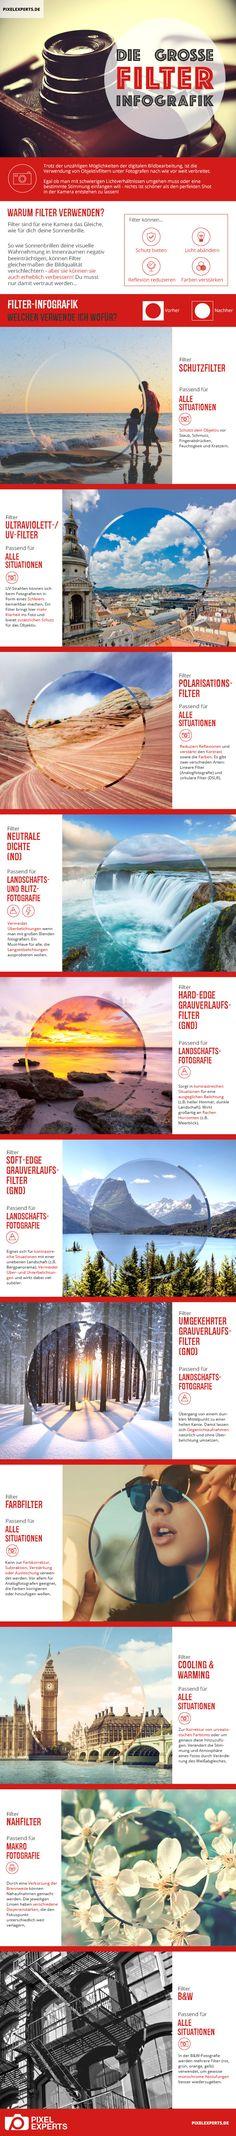 Infografik zum Einsatz von Filtern in der Fotografie mit Beispielen